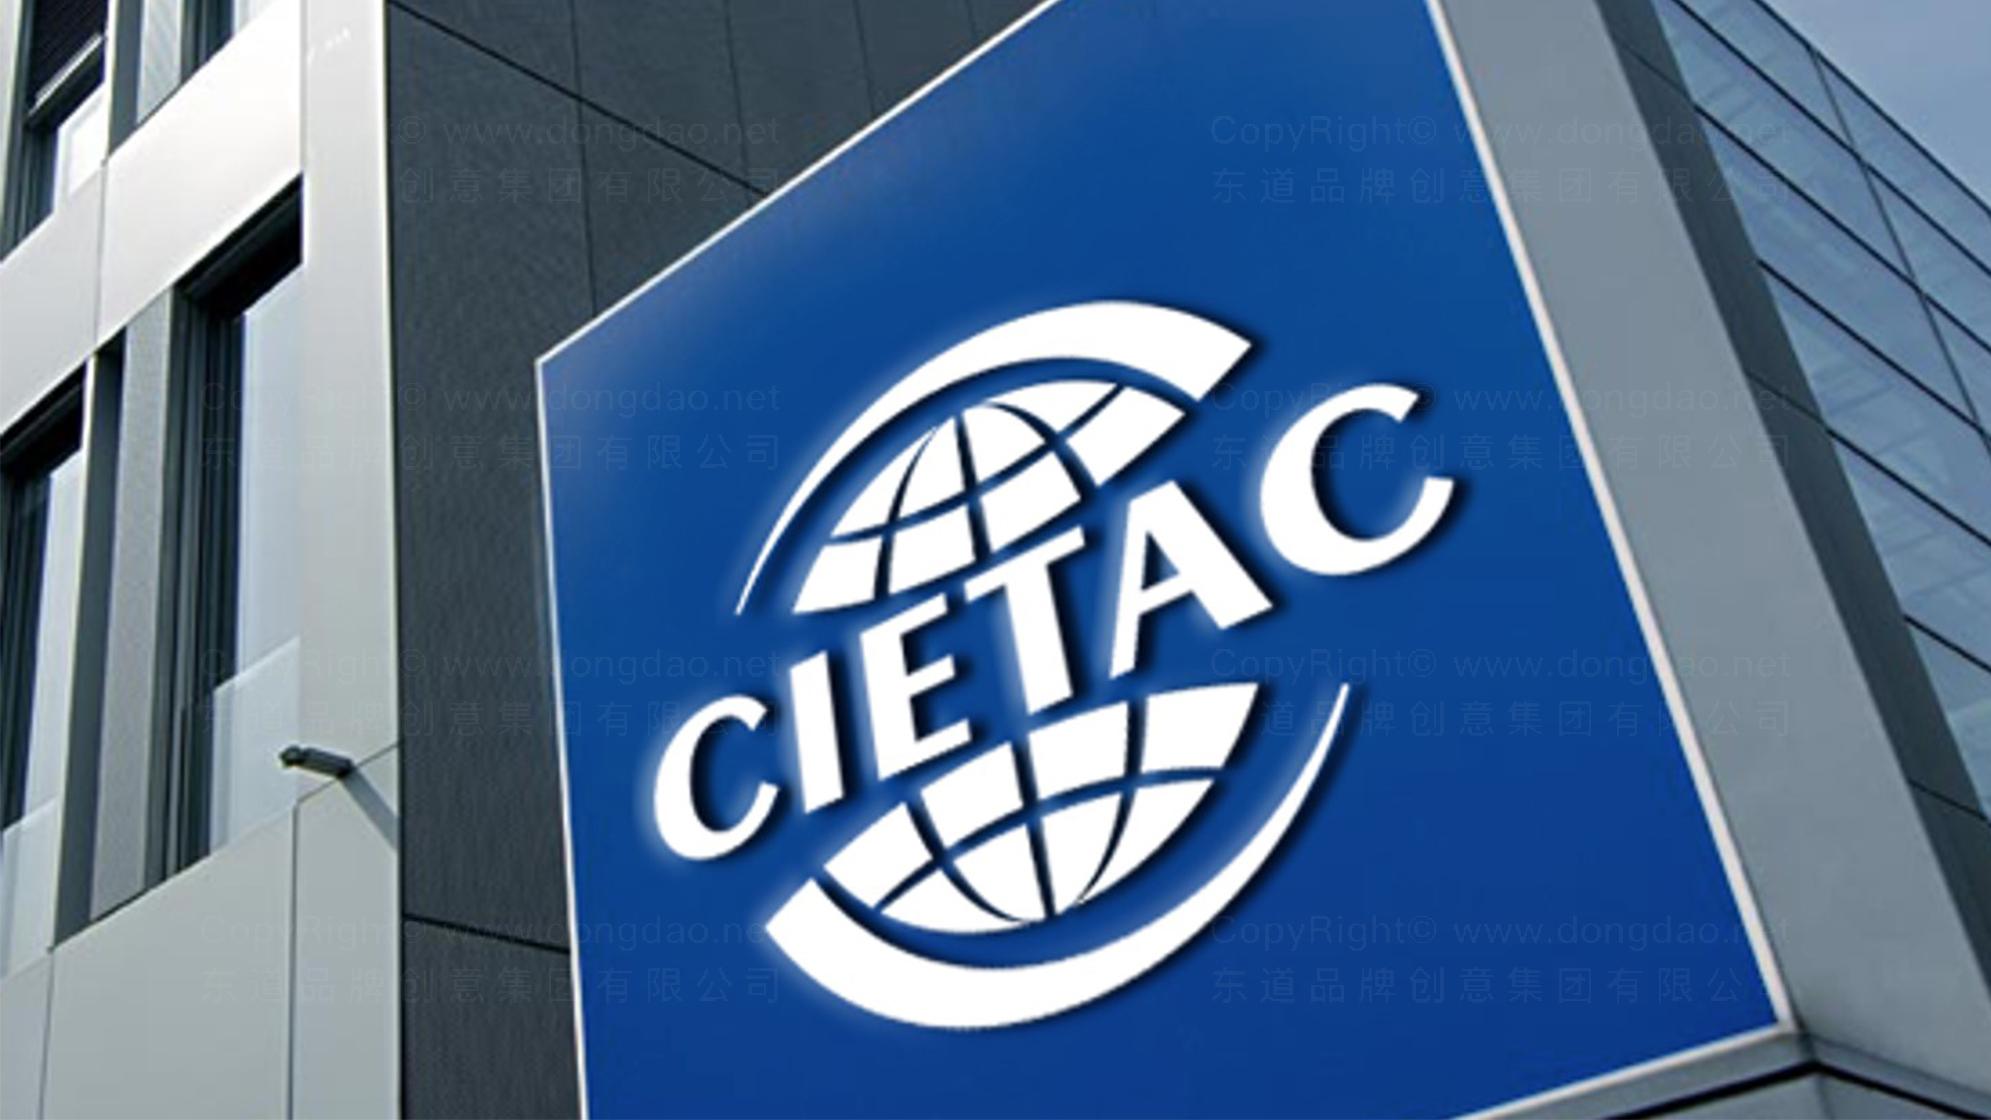 品牌设计案例经济贸易仲裁委员会标志设计